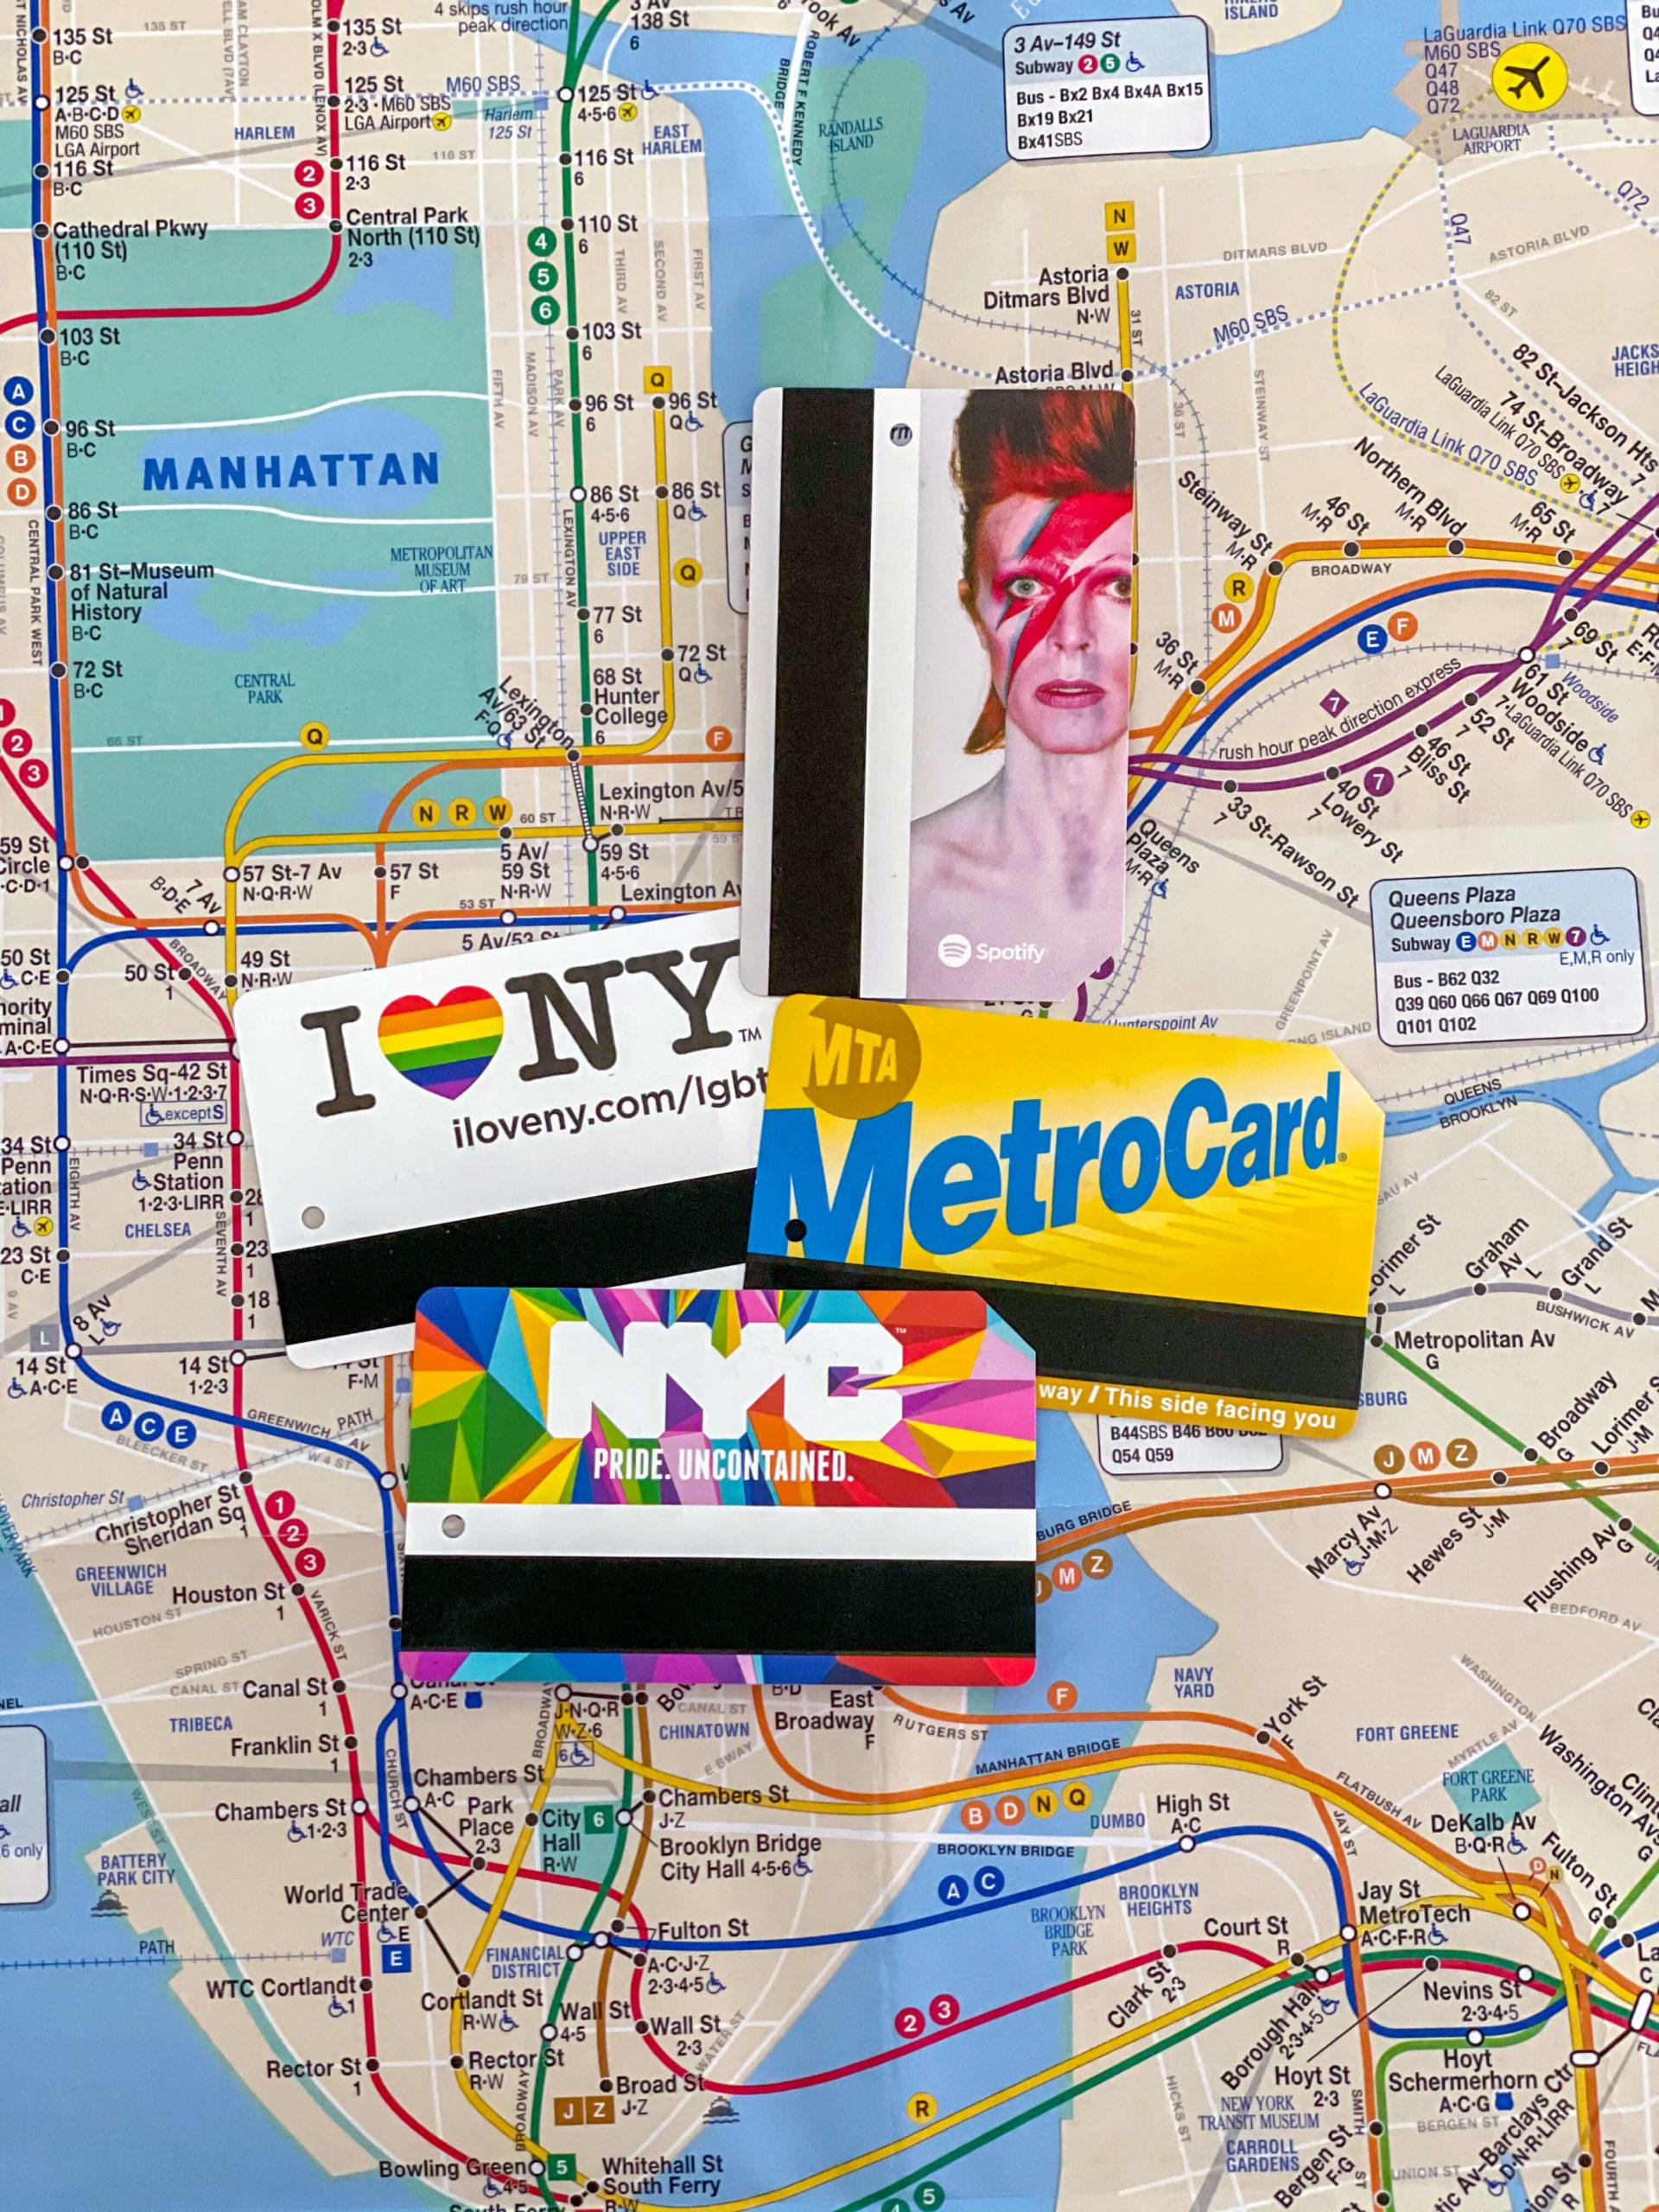 aggiornamento metro a New York